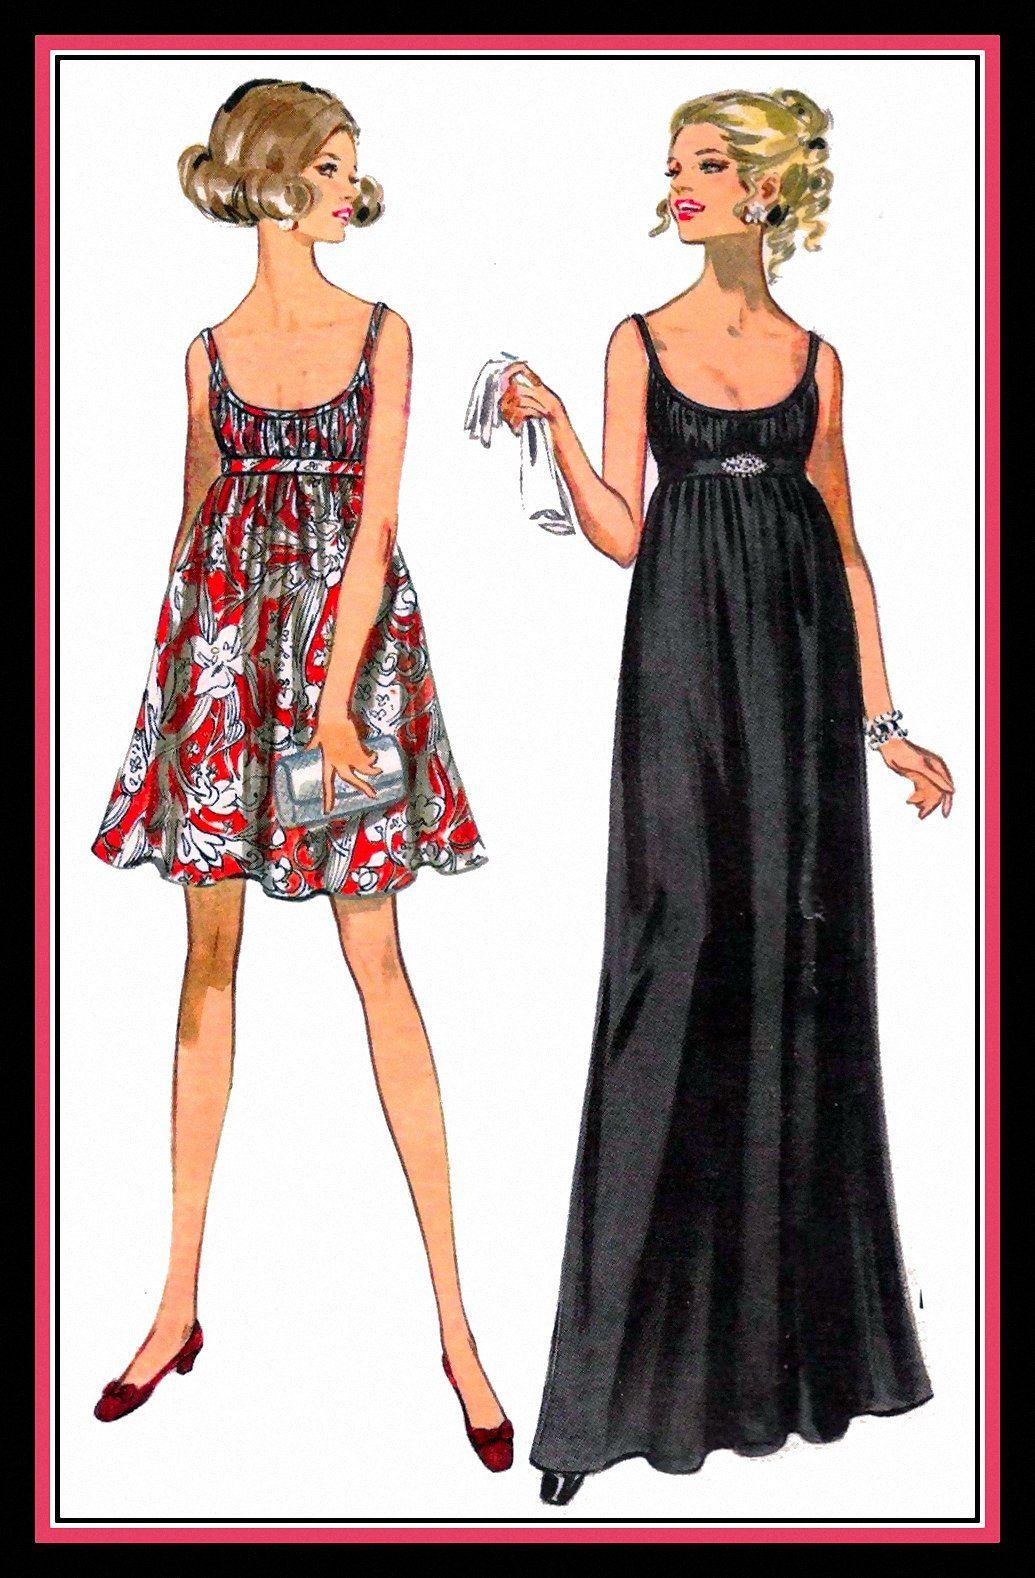 Vintage 1960s Gorgeous Evening Gown Cocktail Dress Sewing Etsy Evening Gowns Dresses Sewing Dresses [ 1578 x 1035 Pixel ]